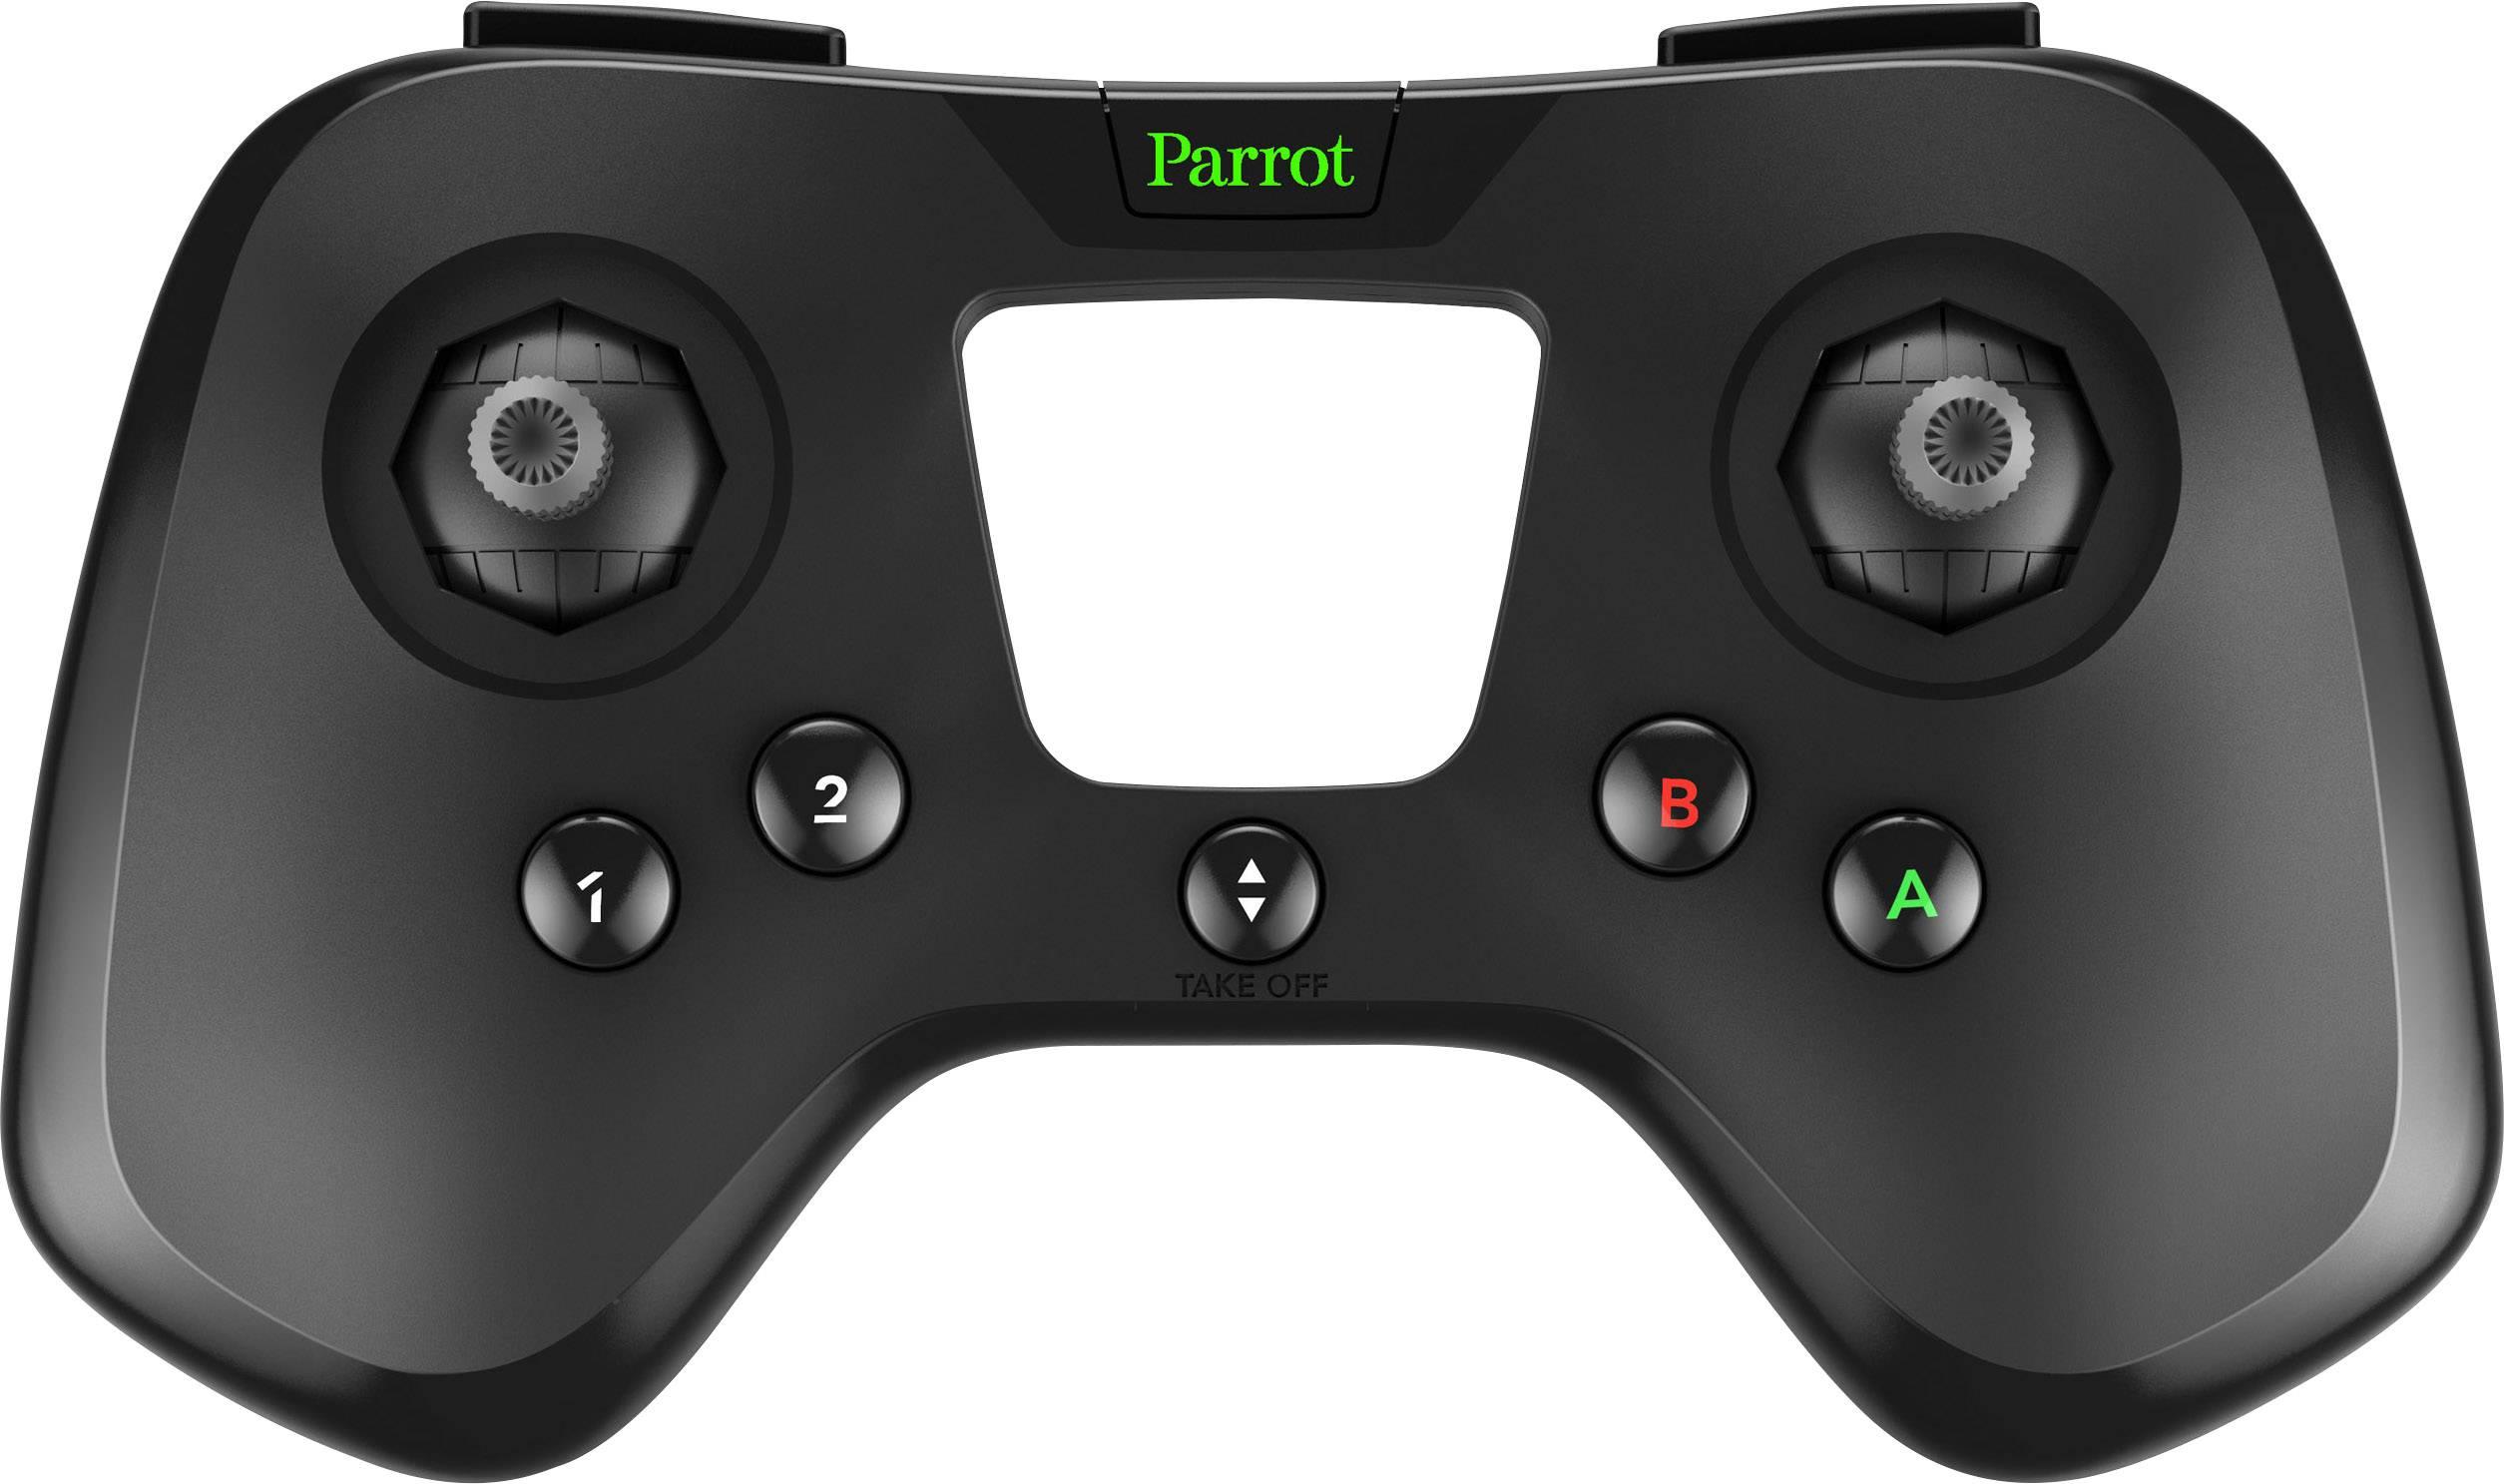 Dálkové ovládání k dronu Parrot Flypad Minidrohne PF725005AA, vhodné pro modely Parrot Mambo